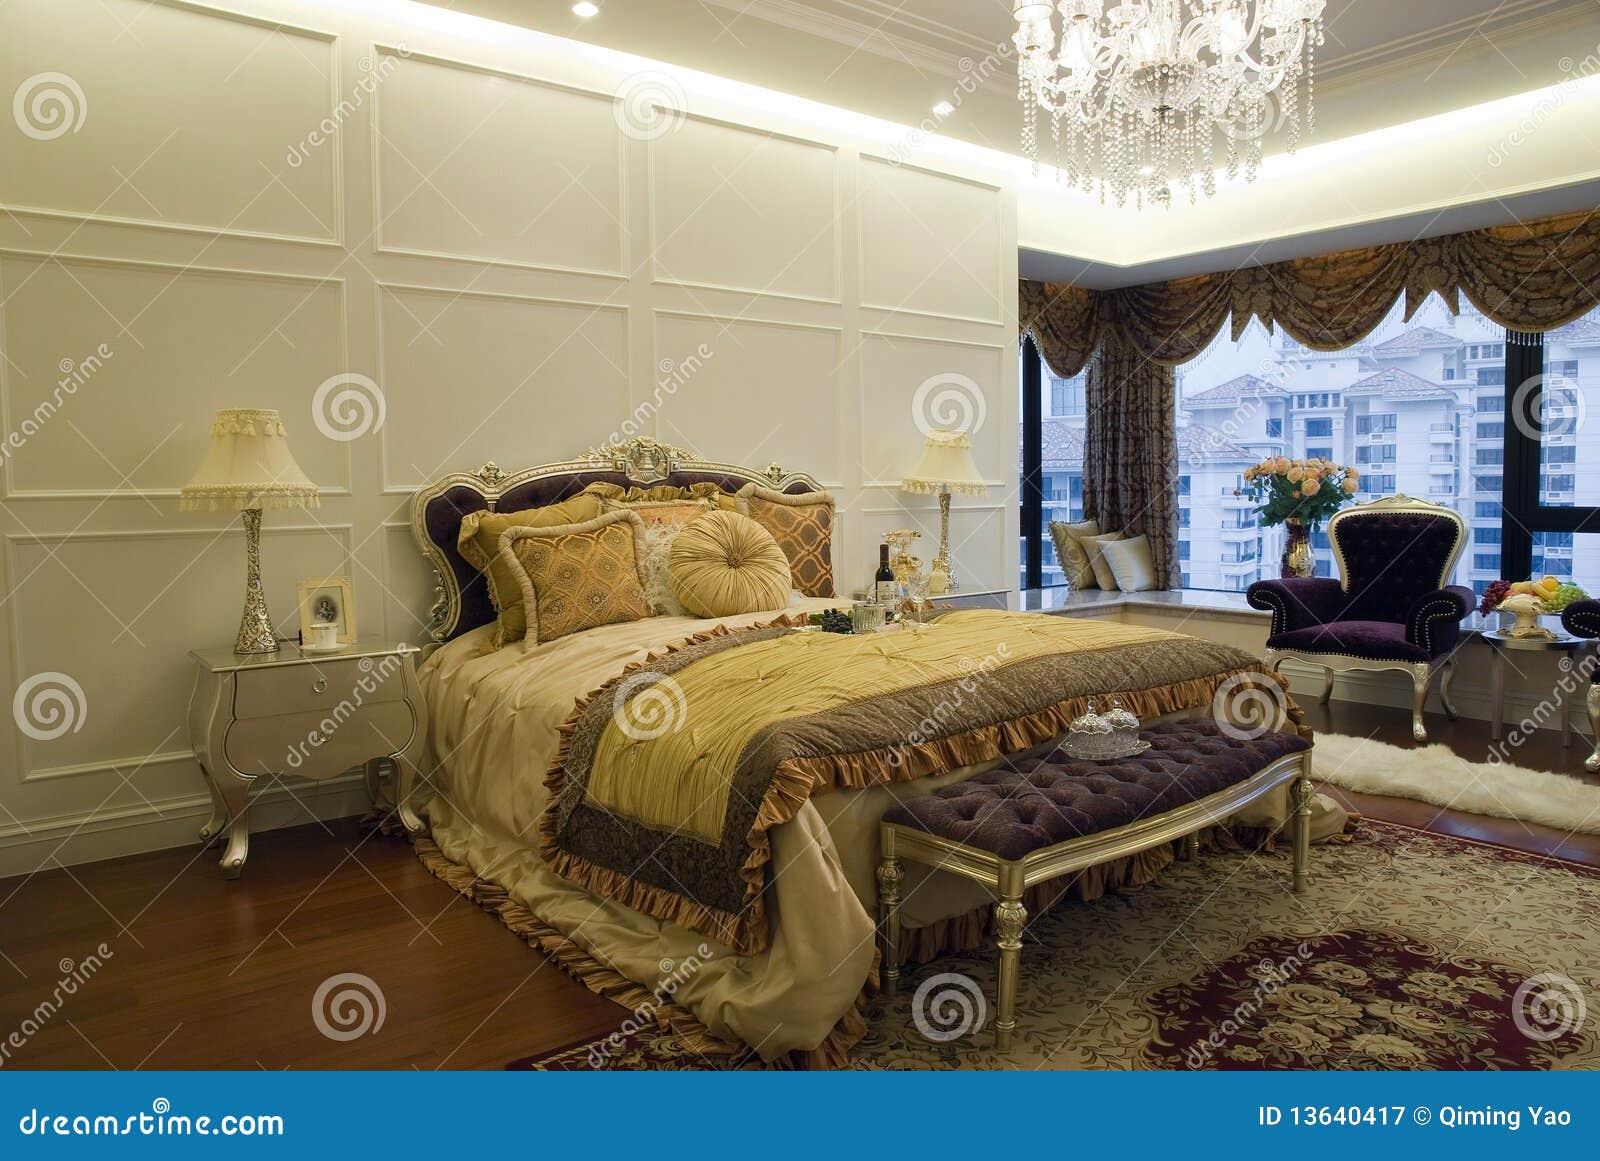 Camera da letto di lusso immagine stock immagine di for 12 piani casa di lusso camera da letto